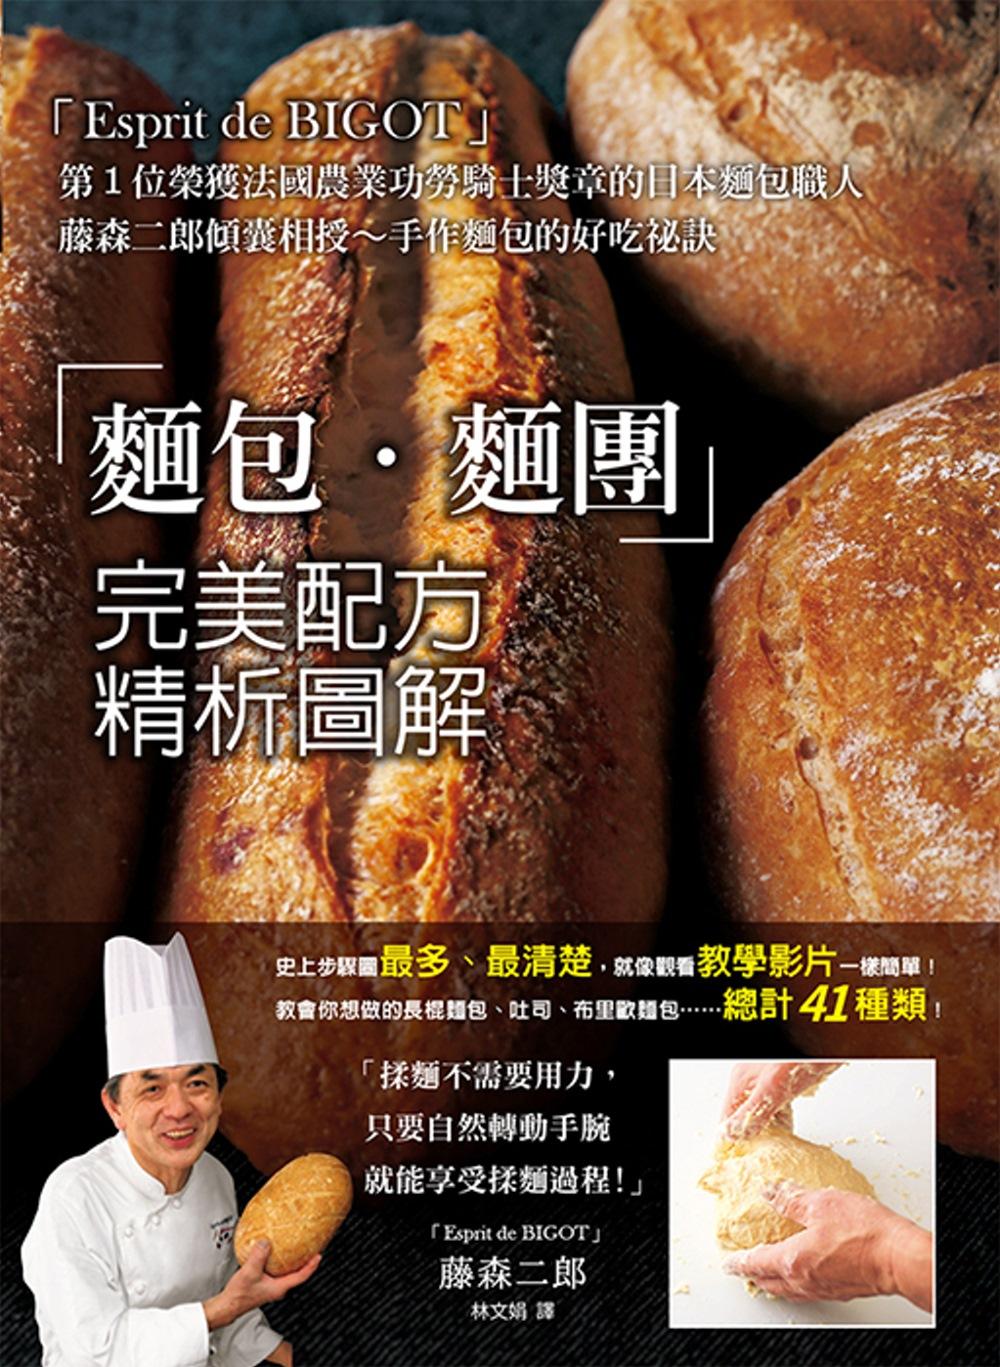 「麵包‧麵團」完美配方精析圖解:第1位榮獲法國農業功勞騎士獎章的日本麵包職人!史上步驟圖最多、最清楚,就像觀看教學影片一樣簡單!